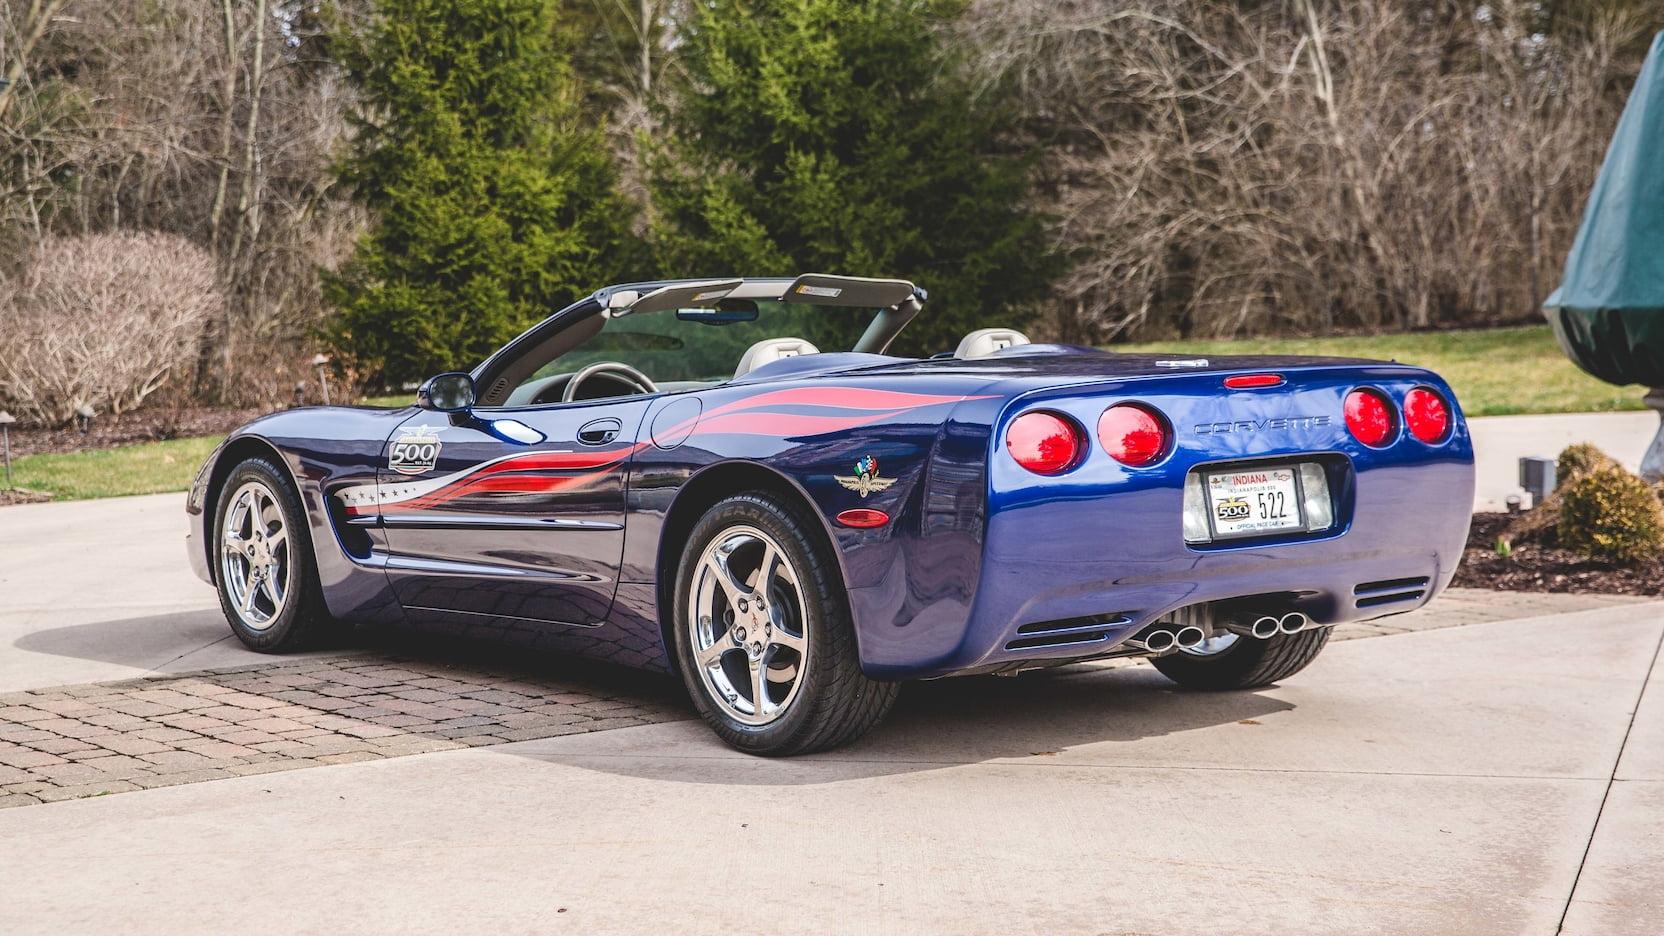 2004 Chevrolet Corvette Pace Car Version 3